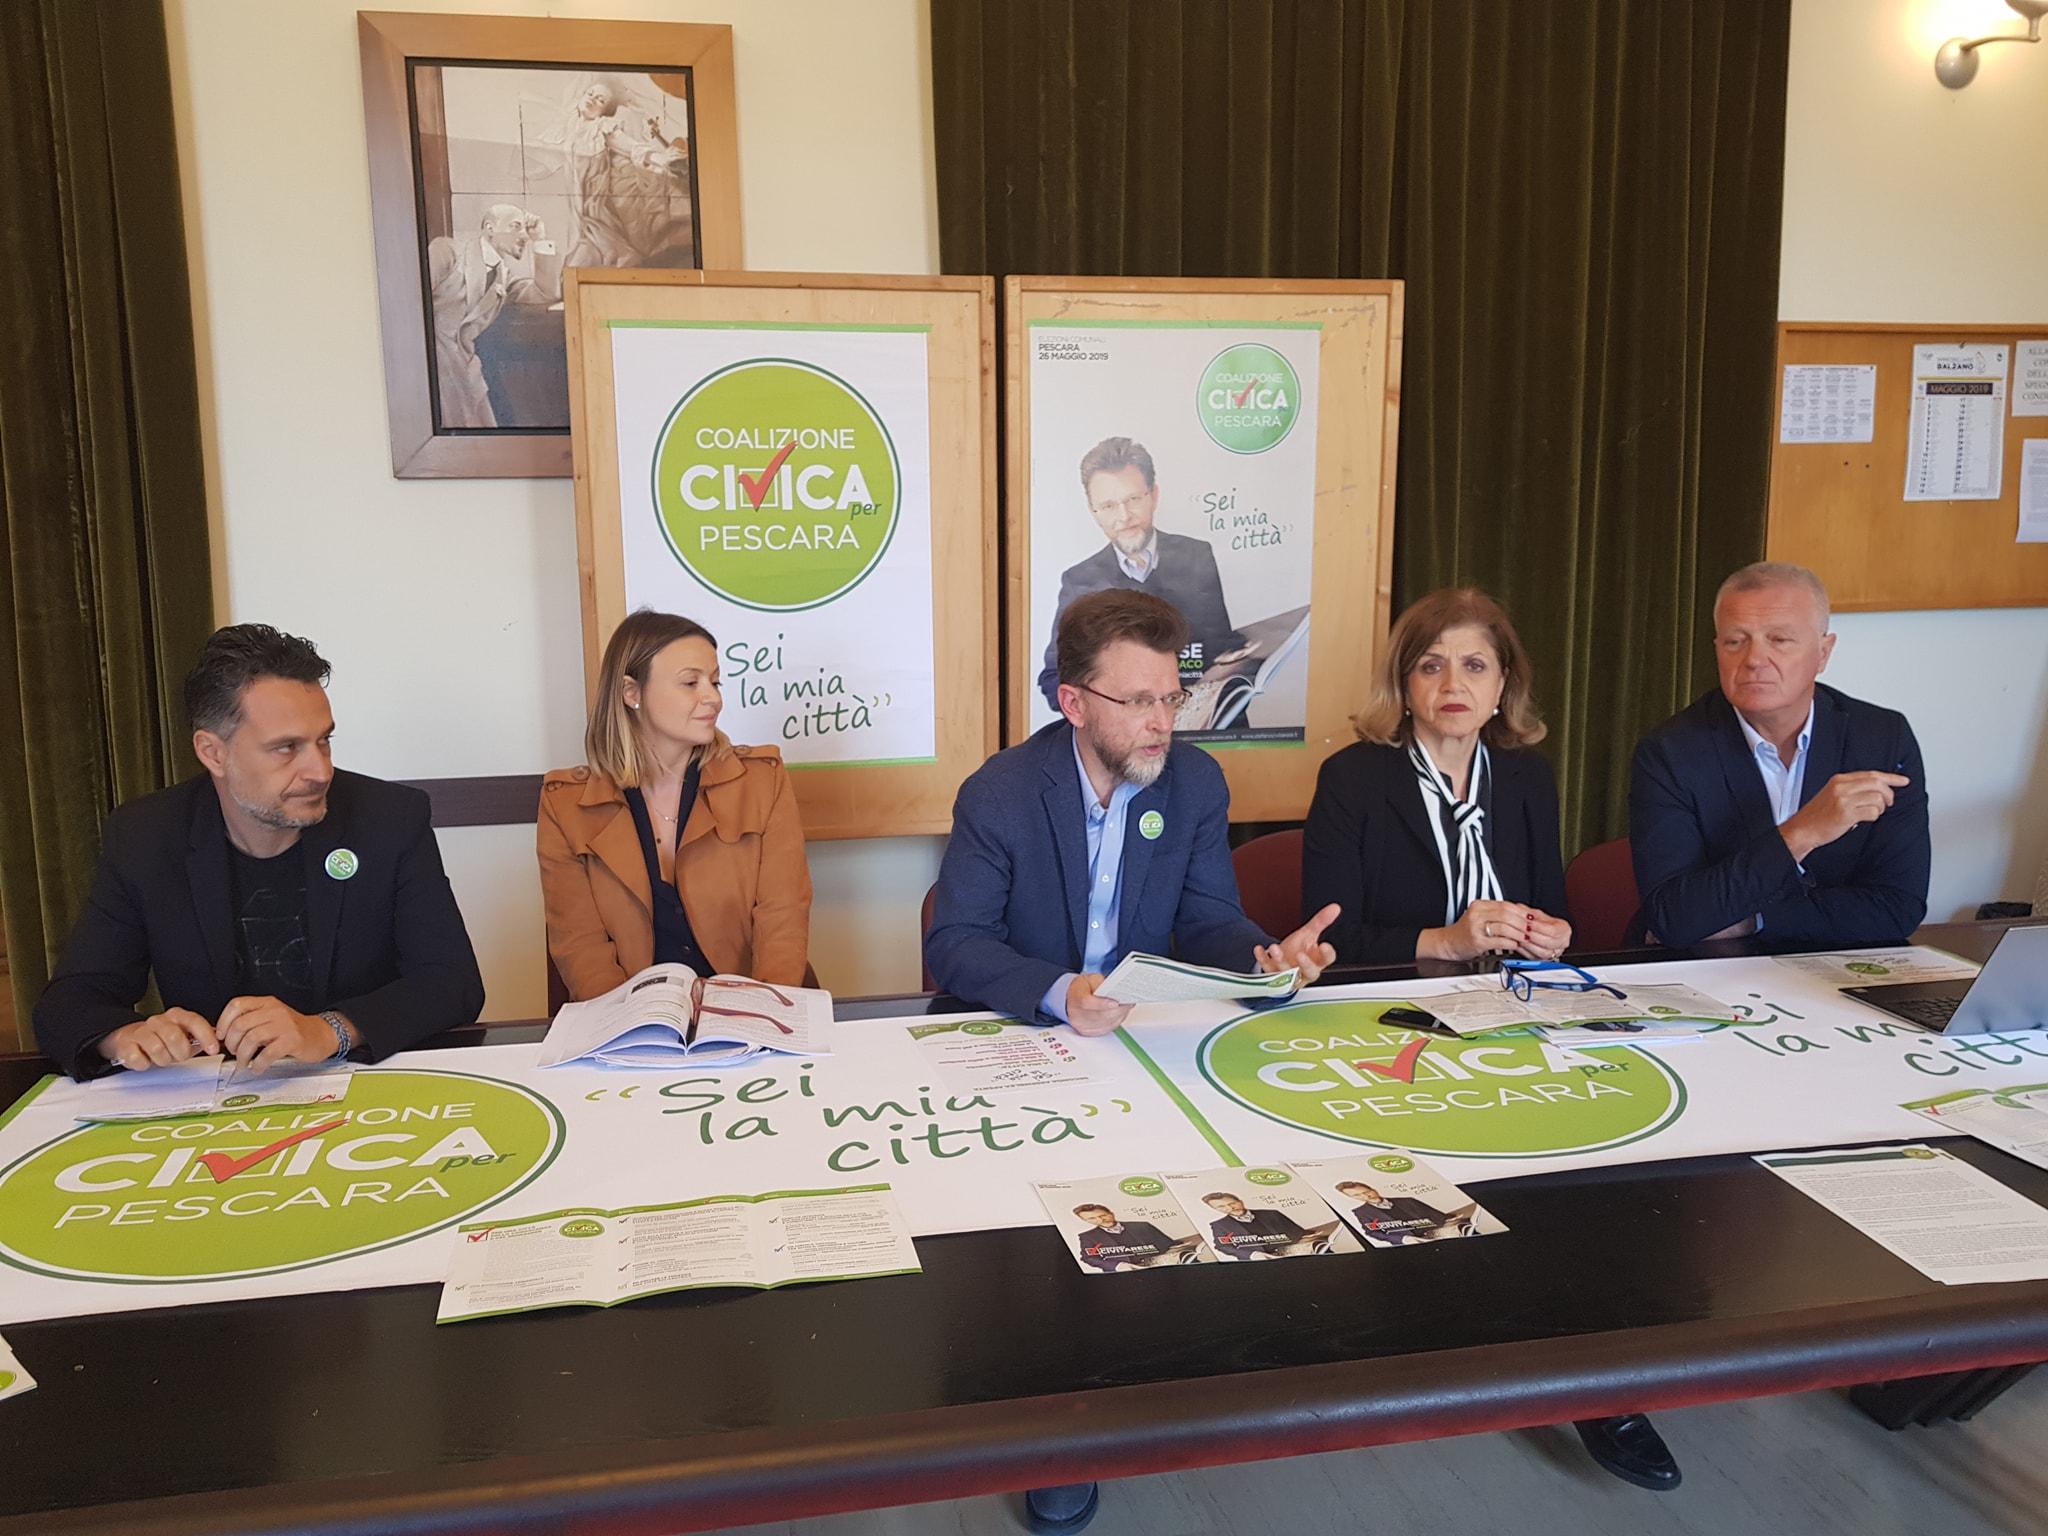 Presentazione della squadra di Civitarese per la costituzione della Giunta